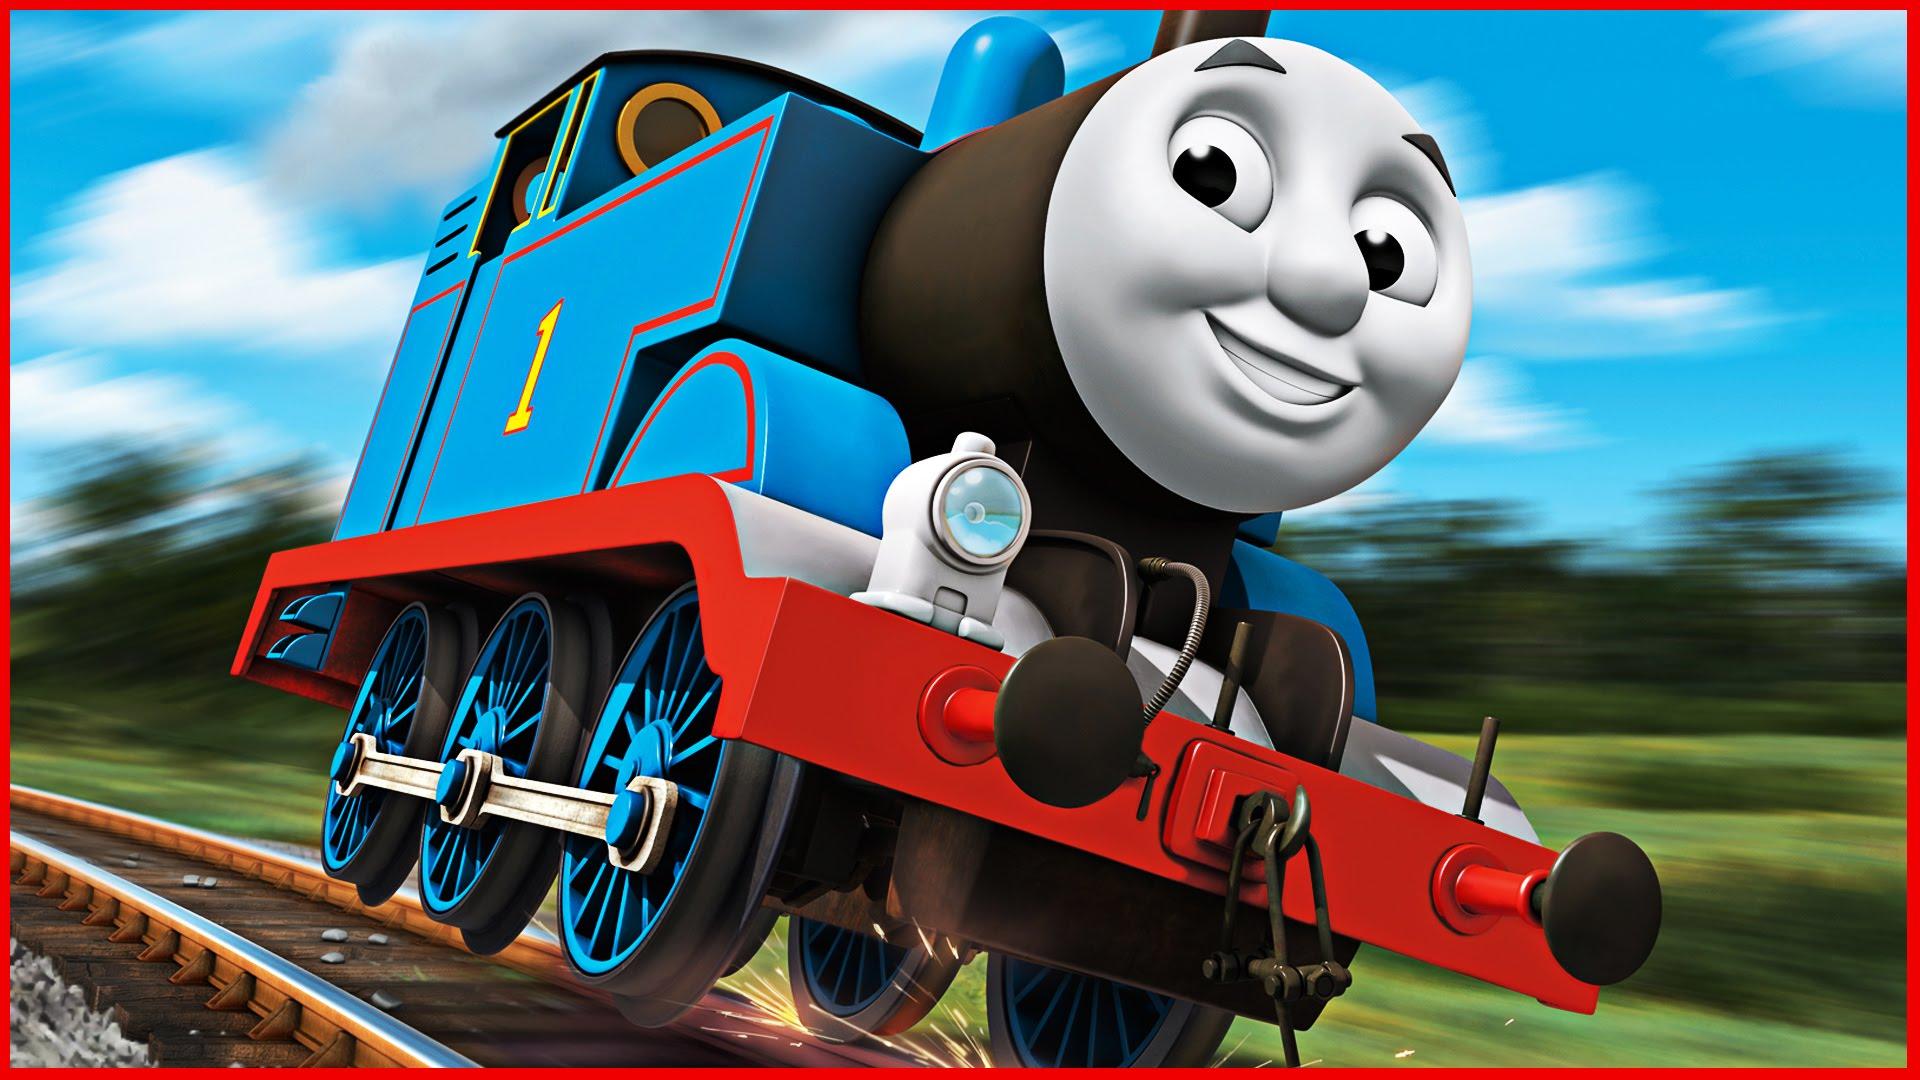 Игра Мультик Томас и его друзья играть онлайн бесплатно